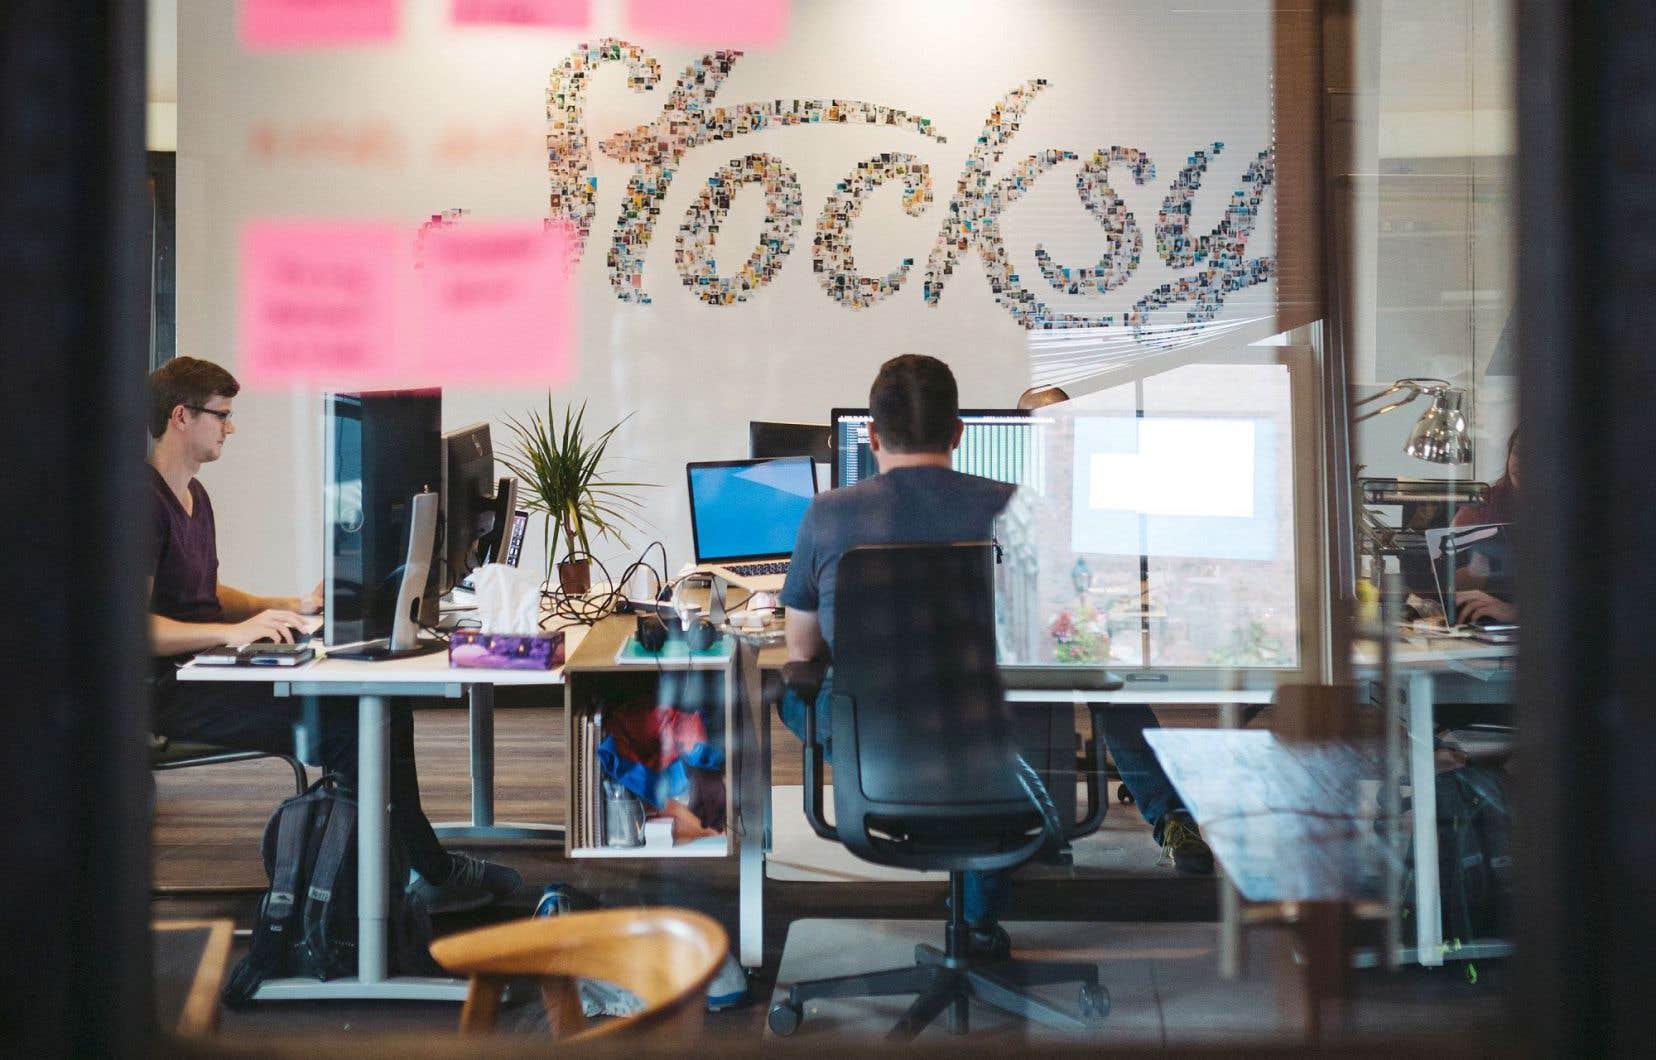 Actuellement, Stocksy United constitue un ovni dans le paysage non seulement des agences de banque d'images, mais de l'économie numérique en général.